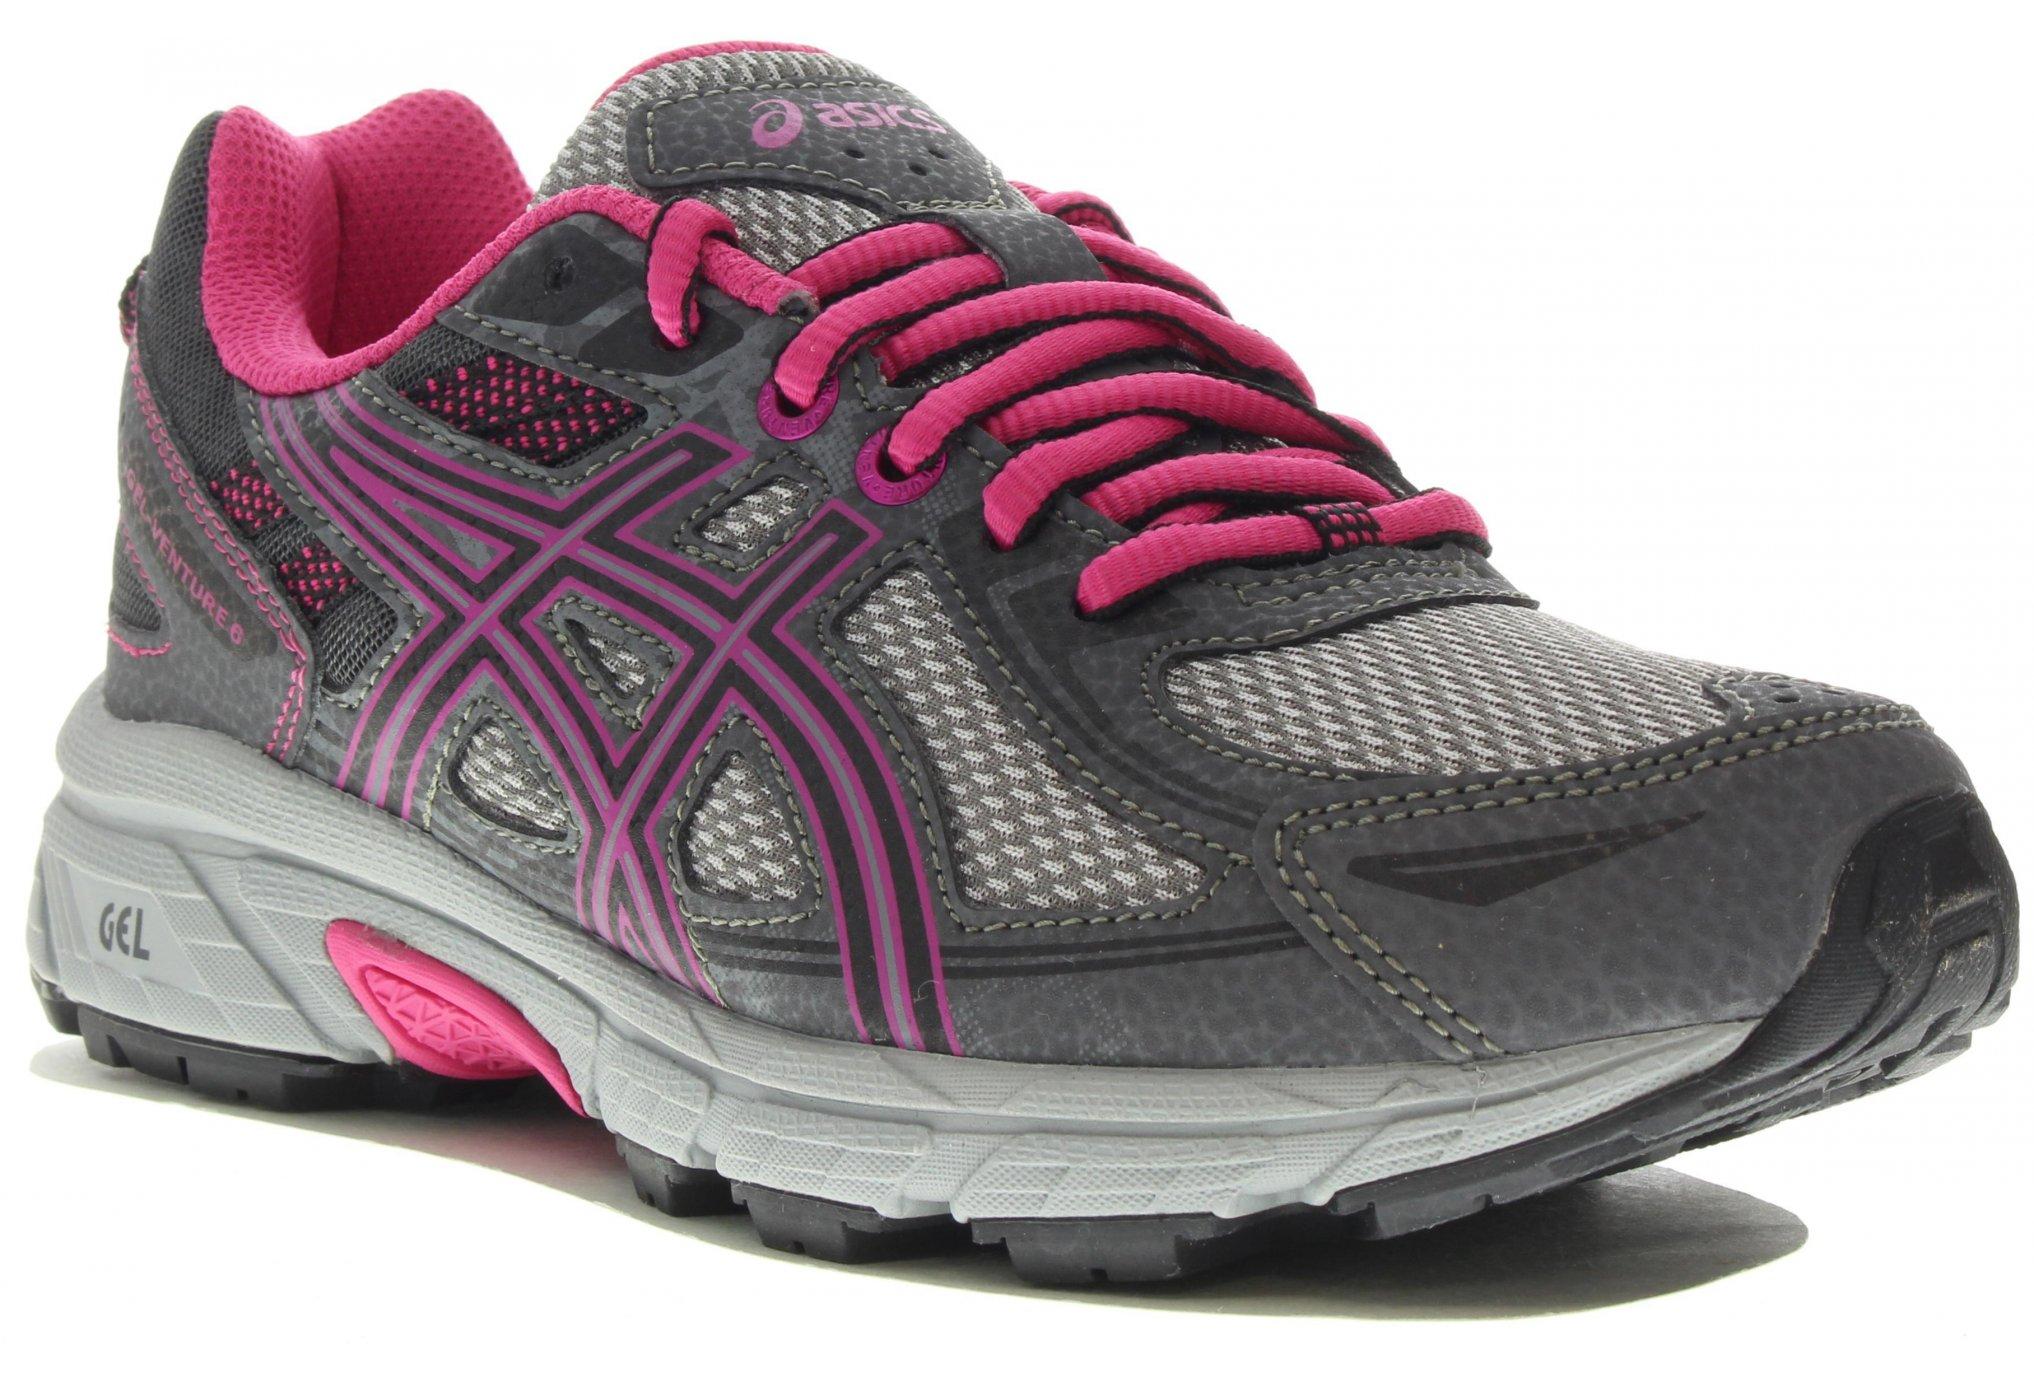 Asics Gel-Venture 6 GS Chaussures running femme